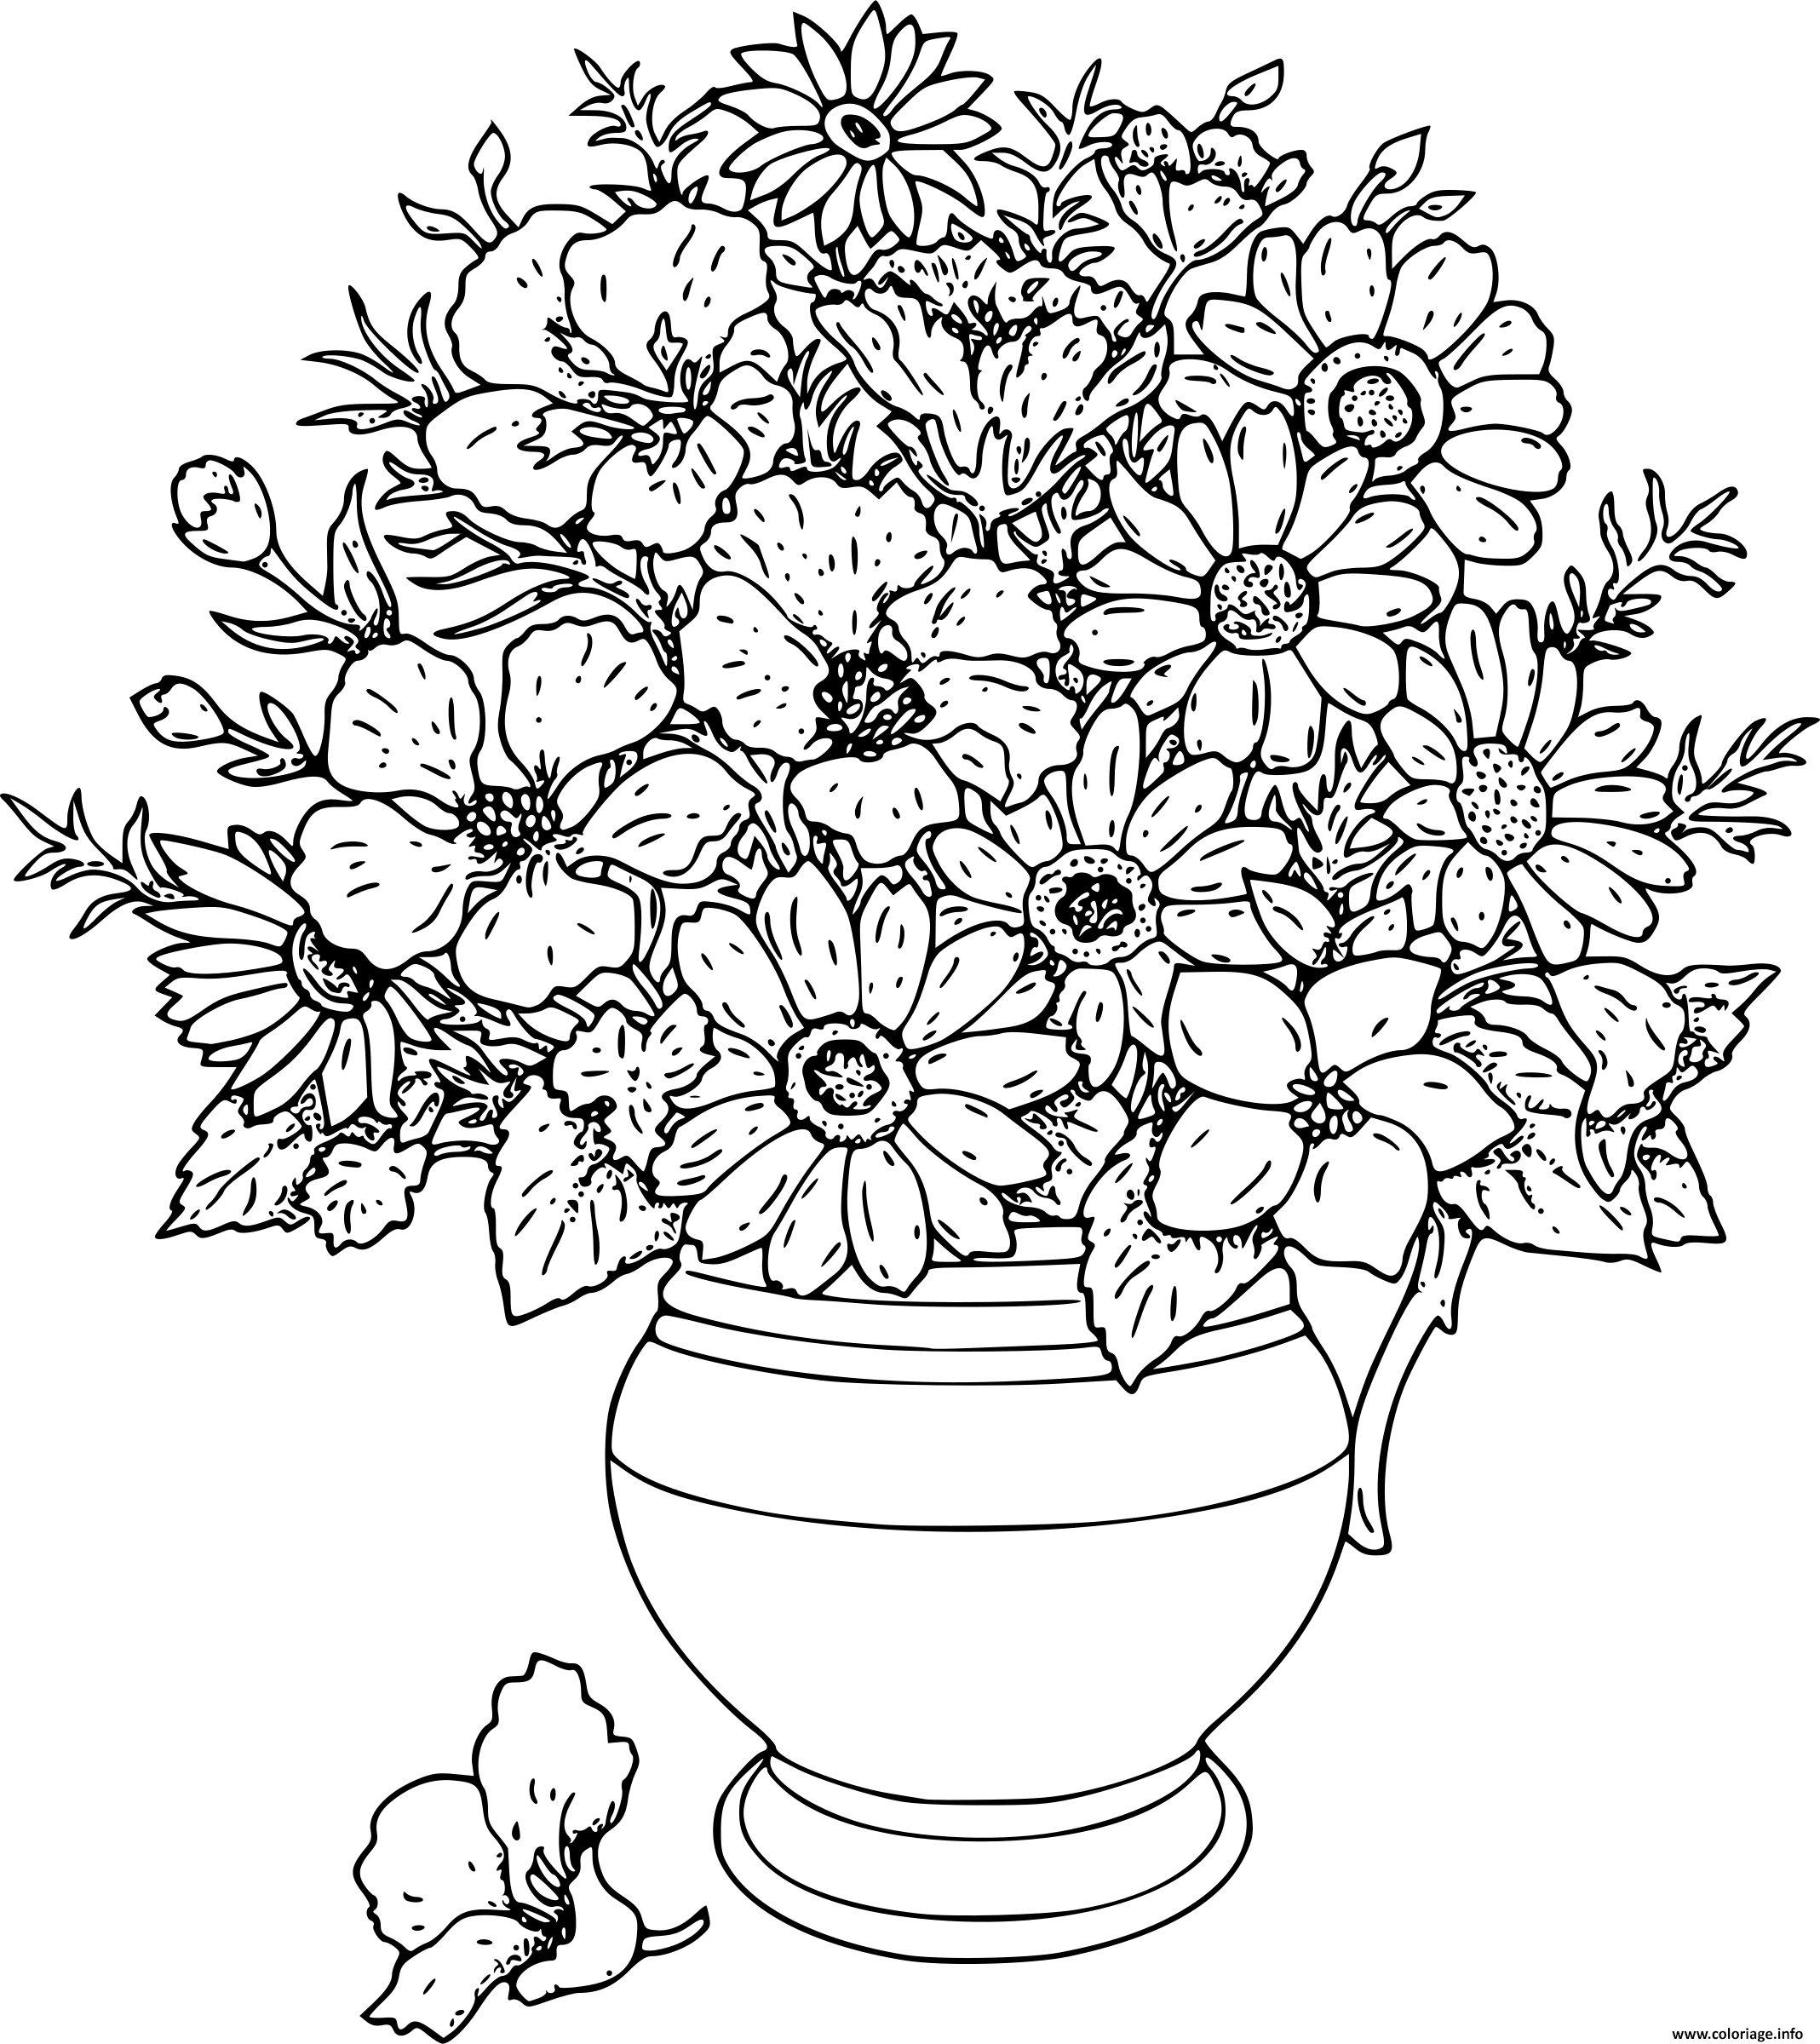 Dessin bouquet de fleurs dans un vase Coloriage Gratuit à Imprimer